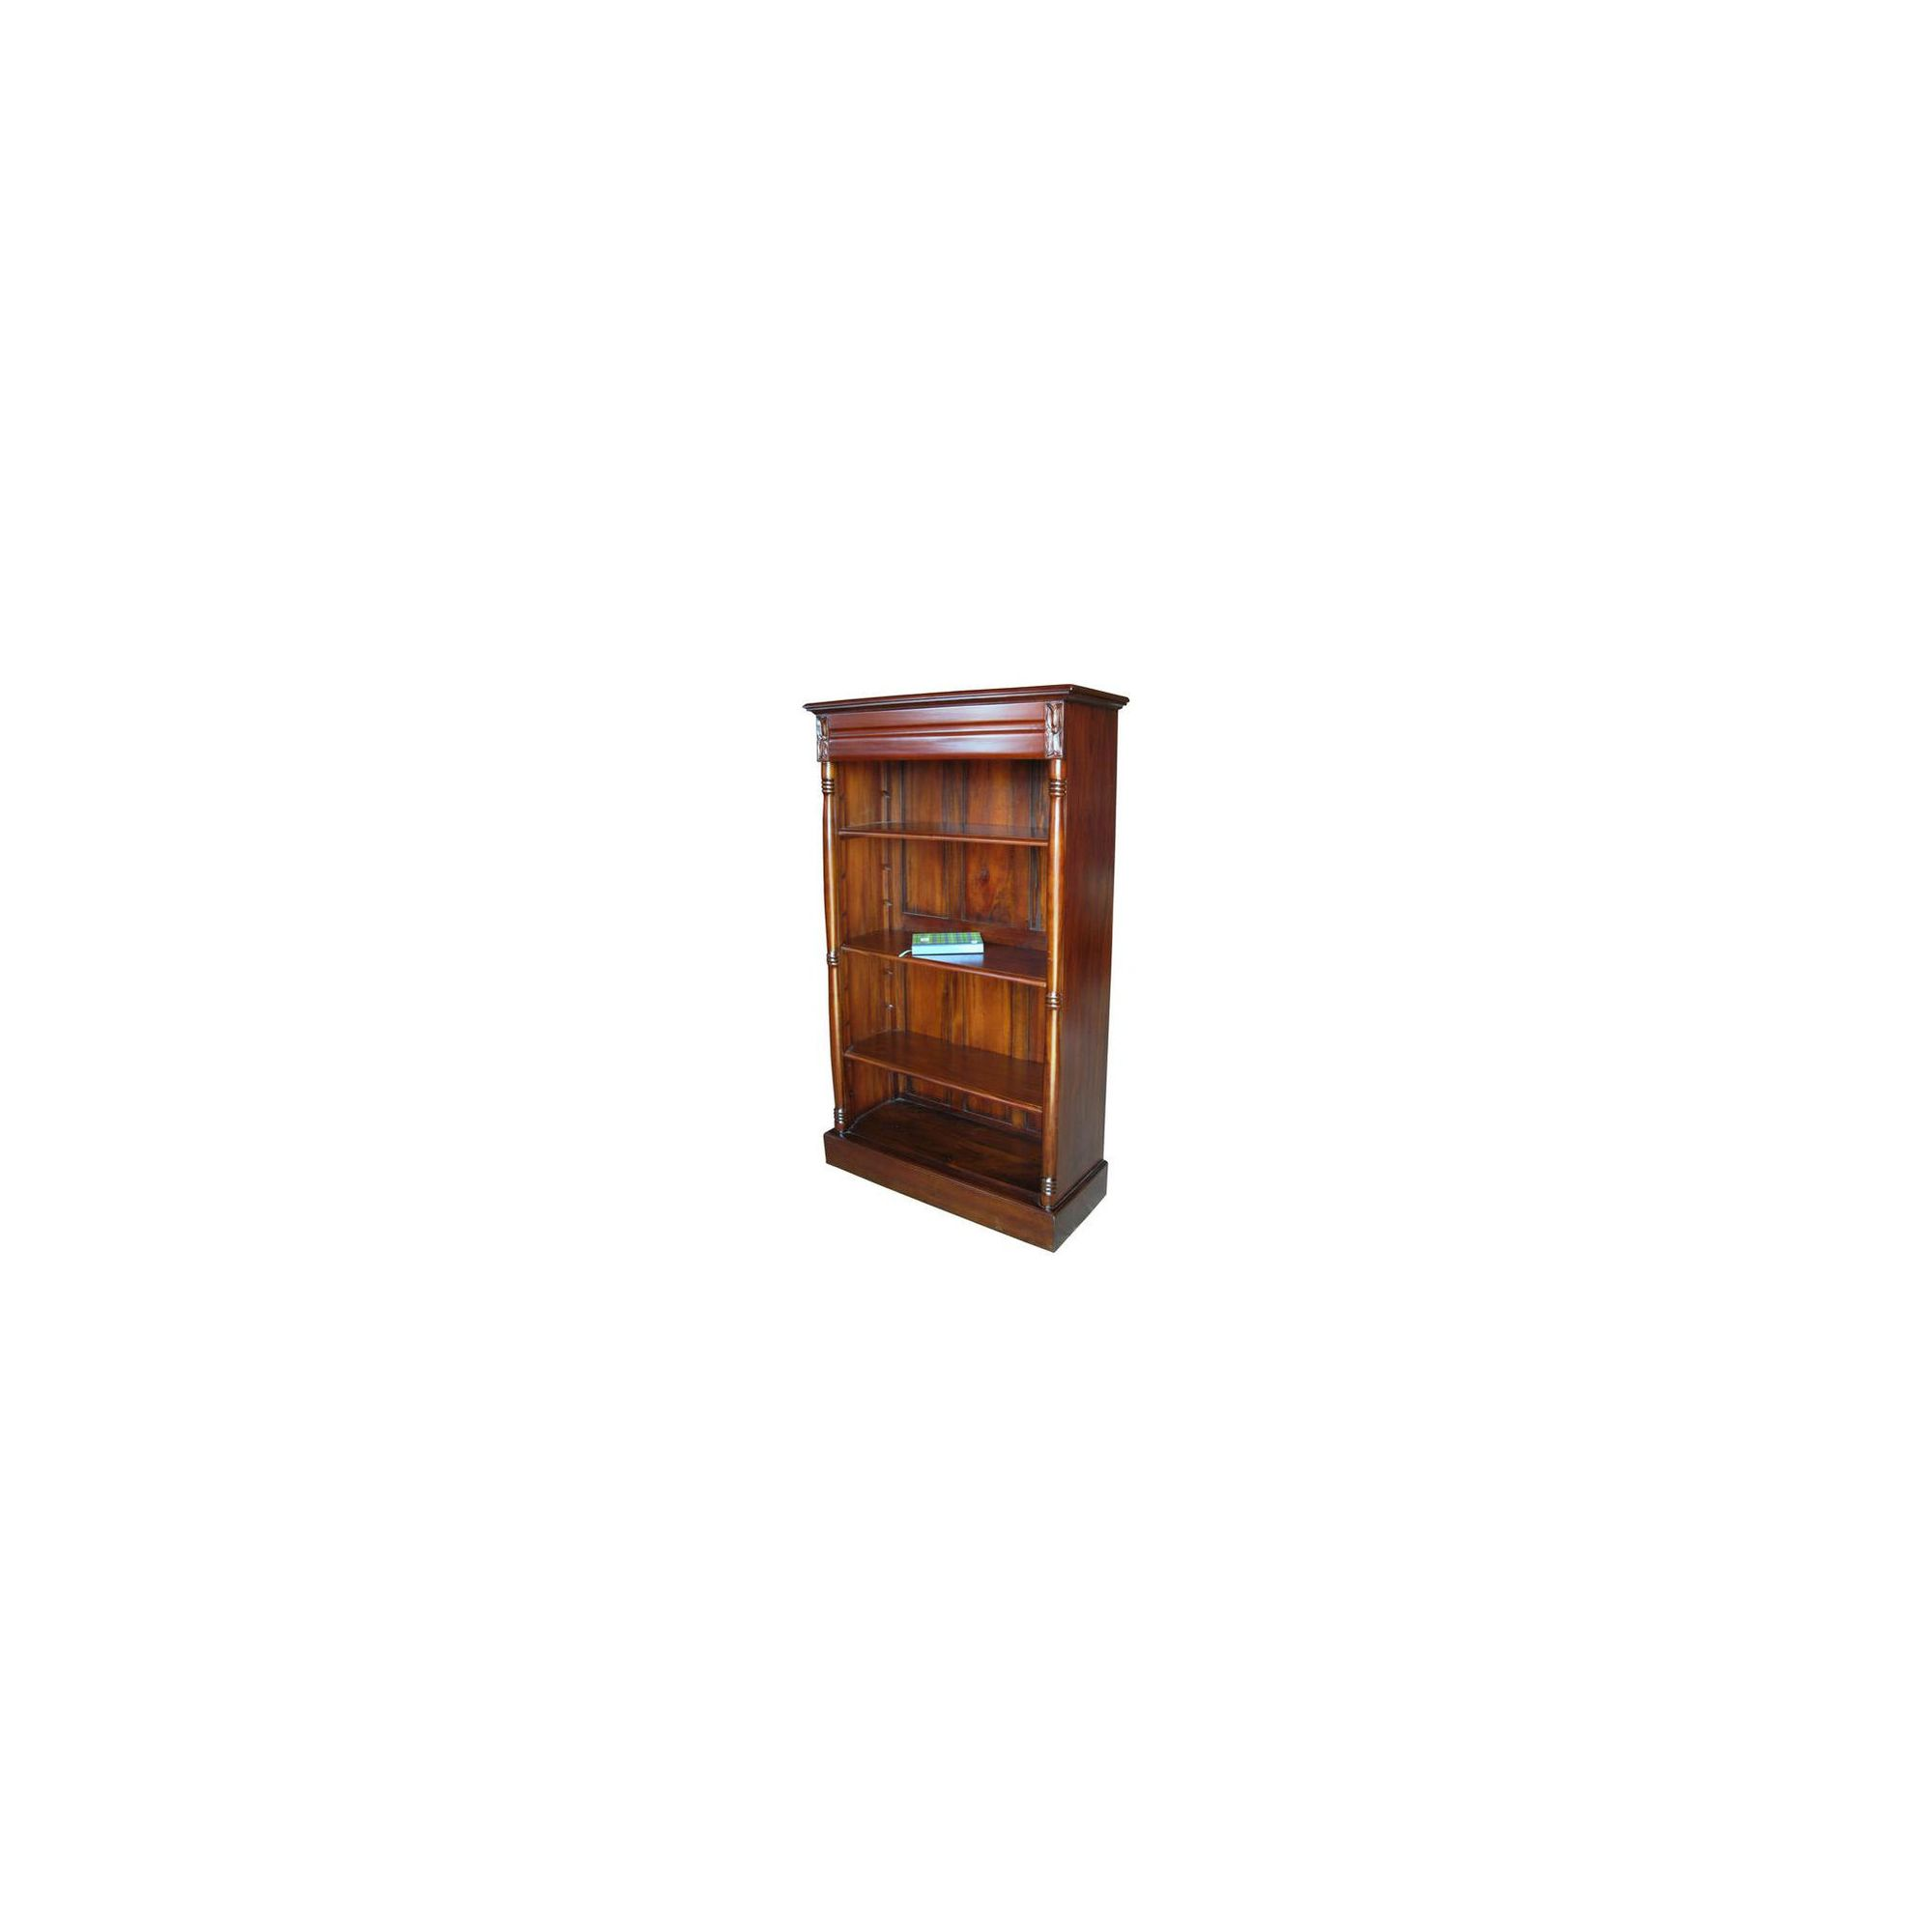 Lock stock and barrel Mahogany 3 Shelf Medium Bookcase in Mahogany at Tesco Direct